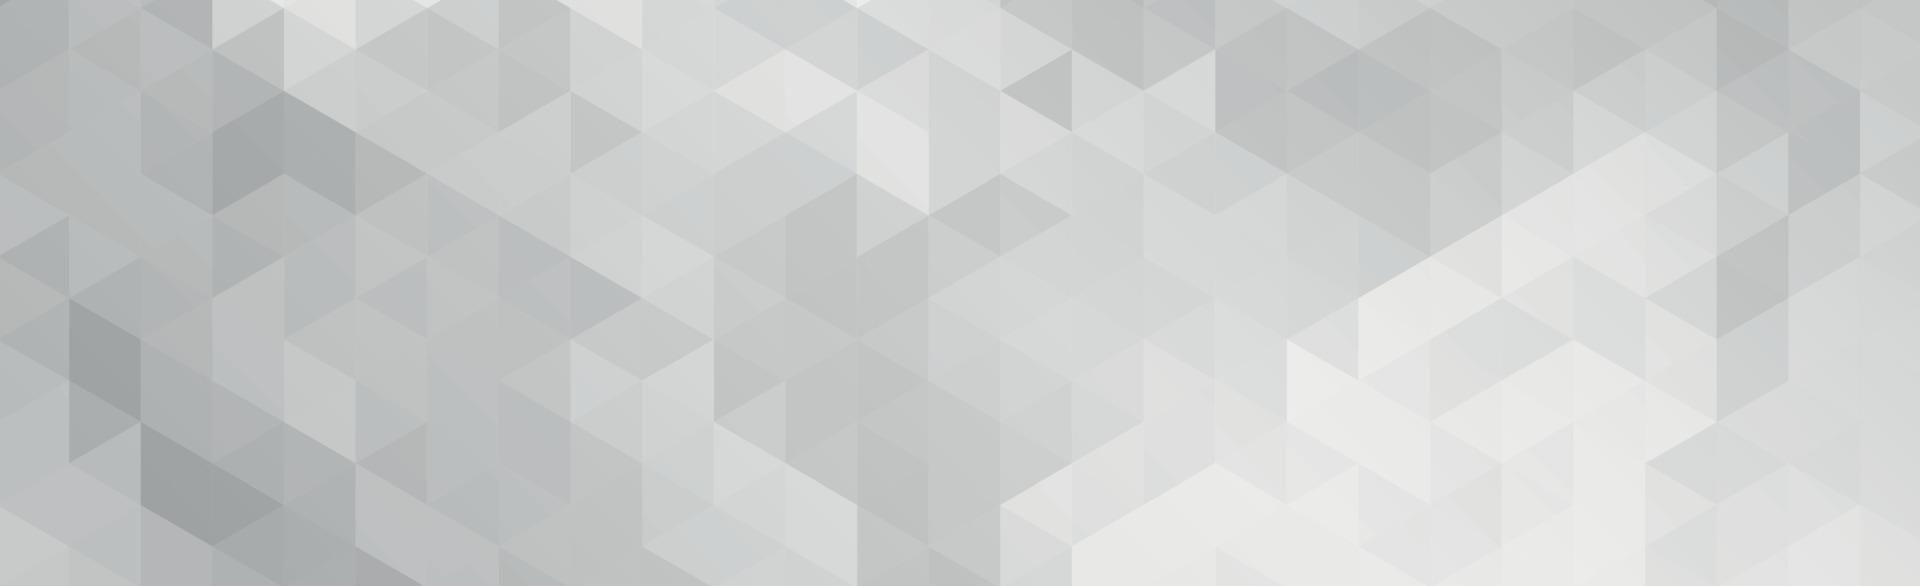 vit vektor panorama bakgrund med raka linjer och skuggor